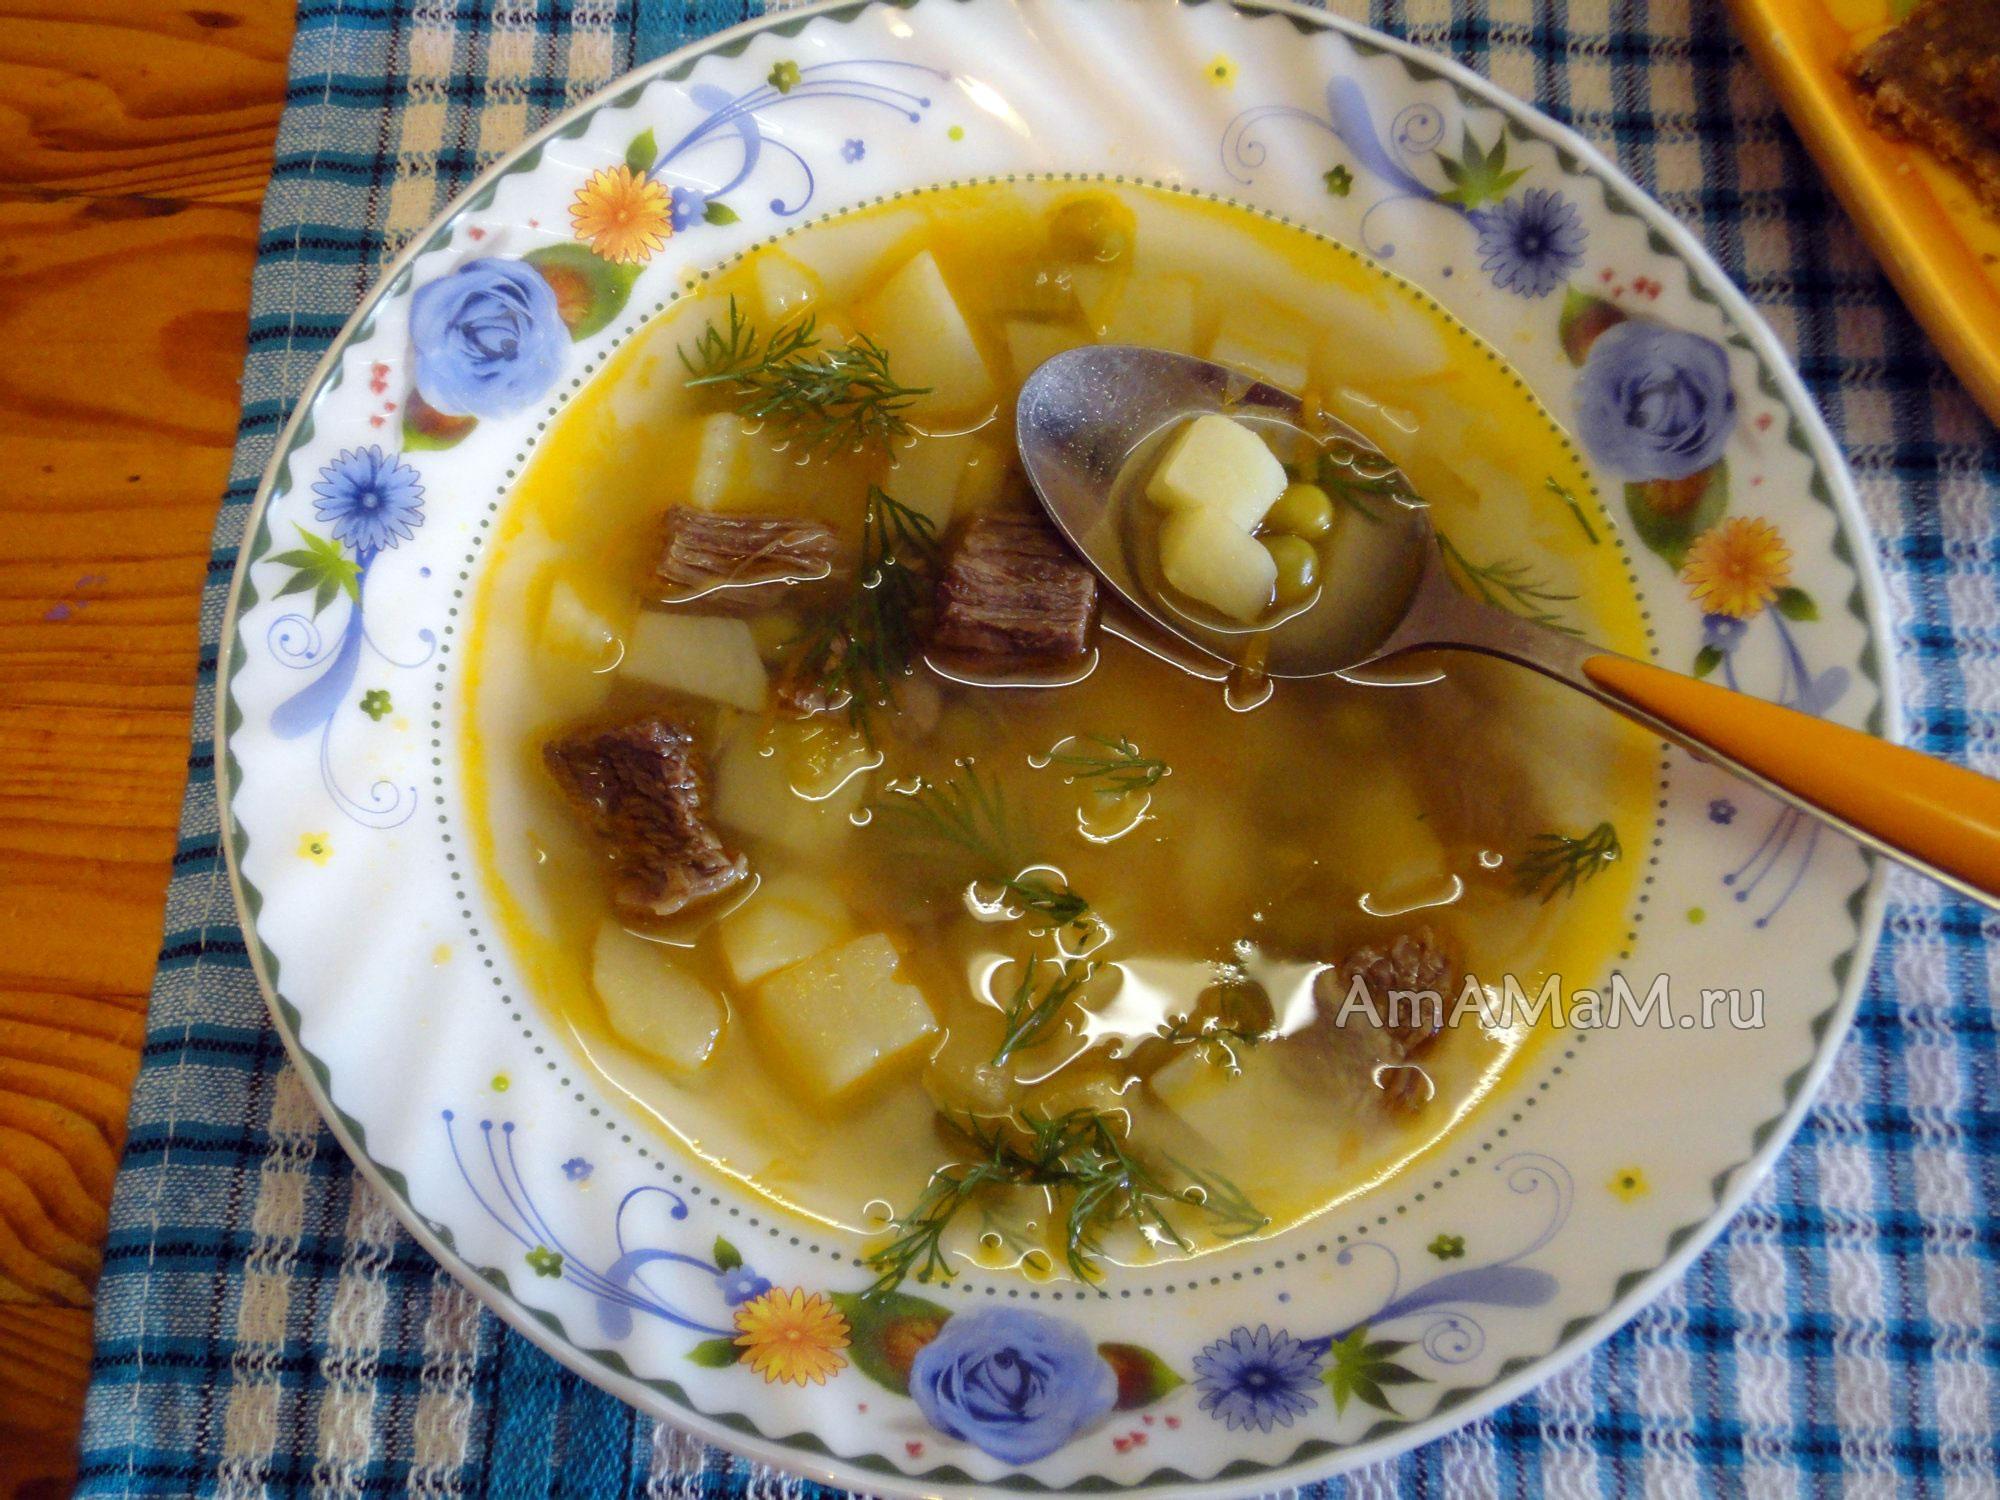 рецепт томатного супа из томатной пасты